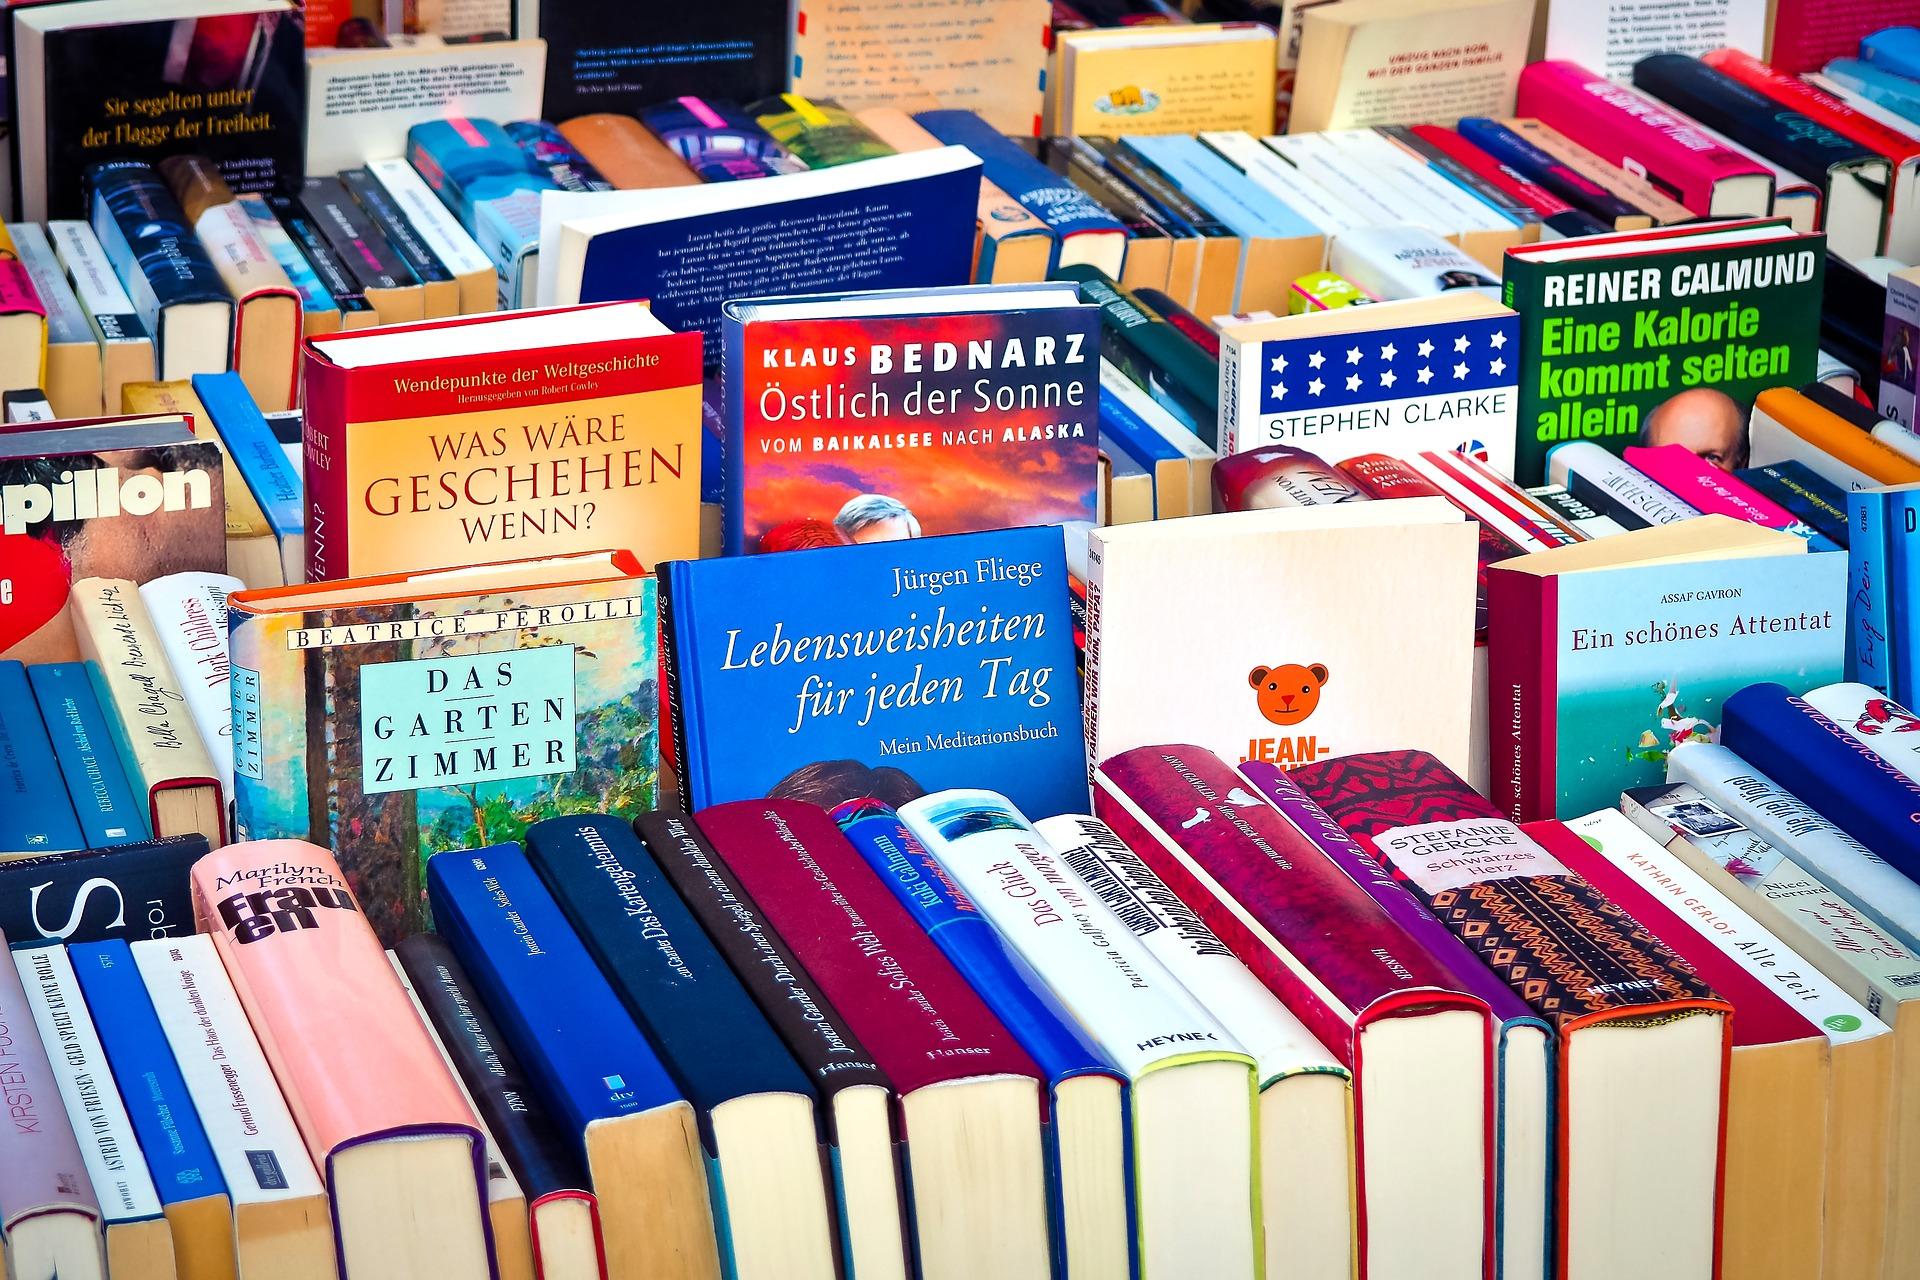 books-2840585_1920.jpg